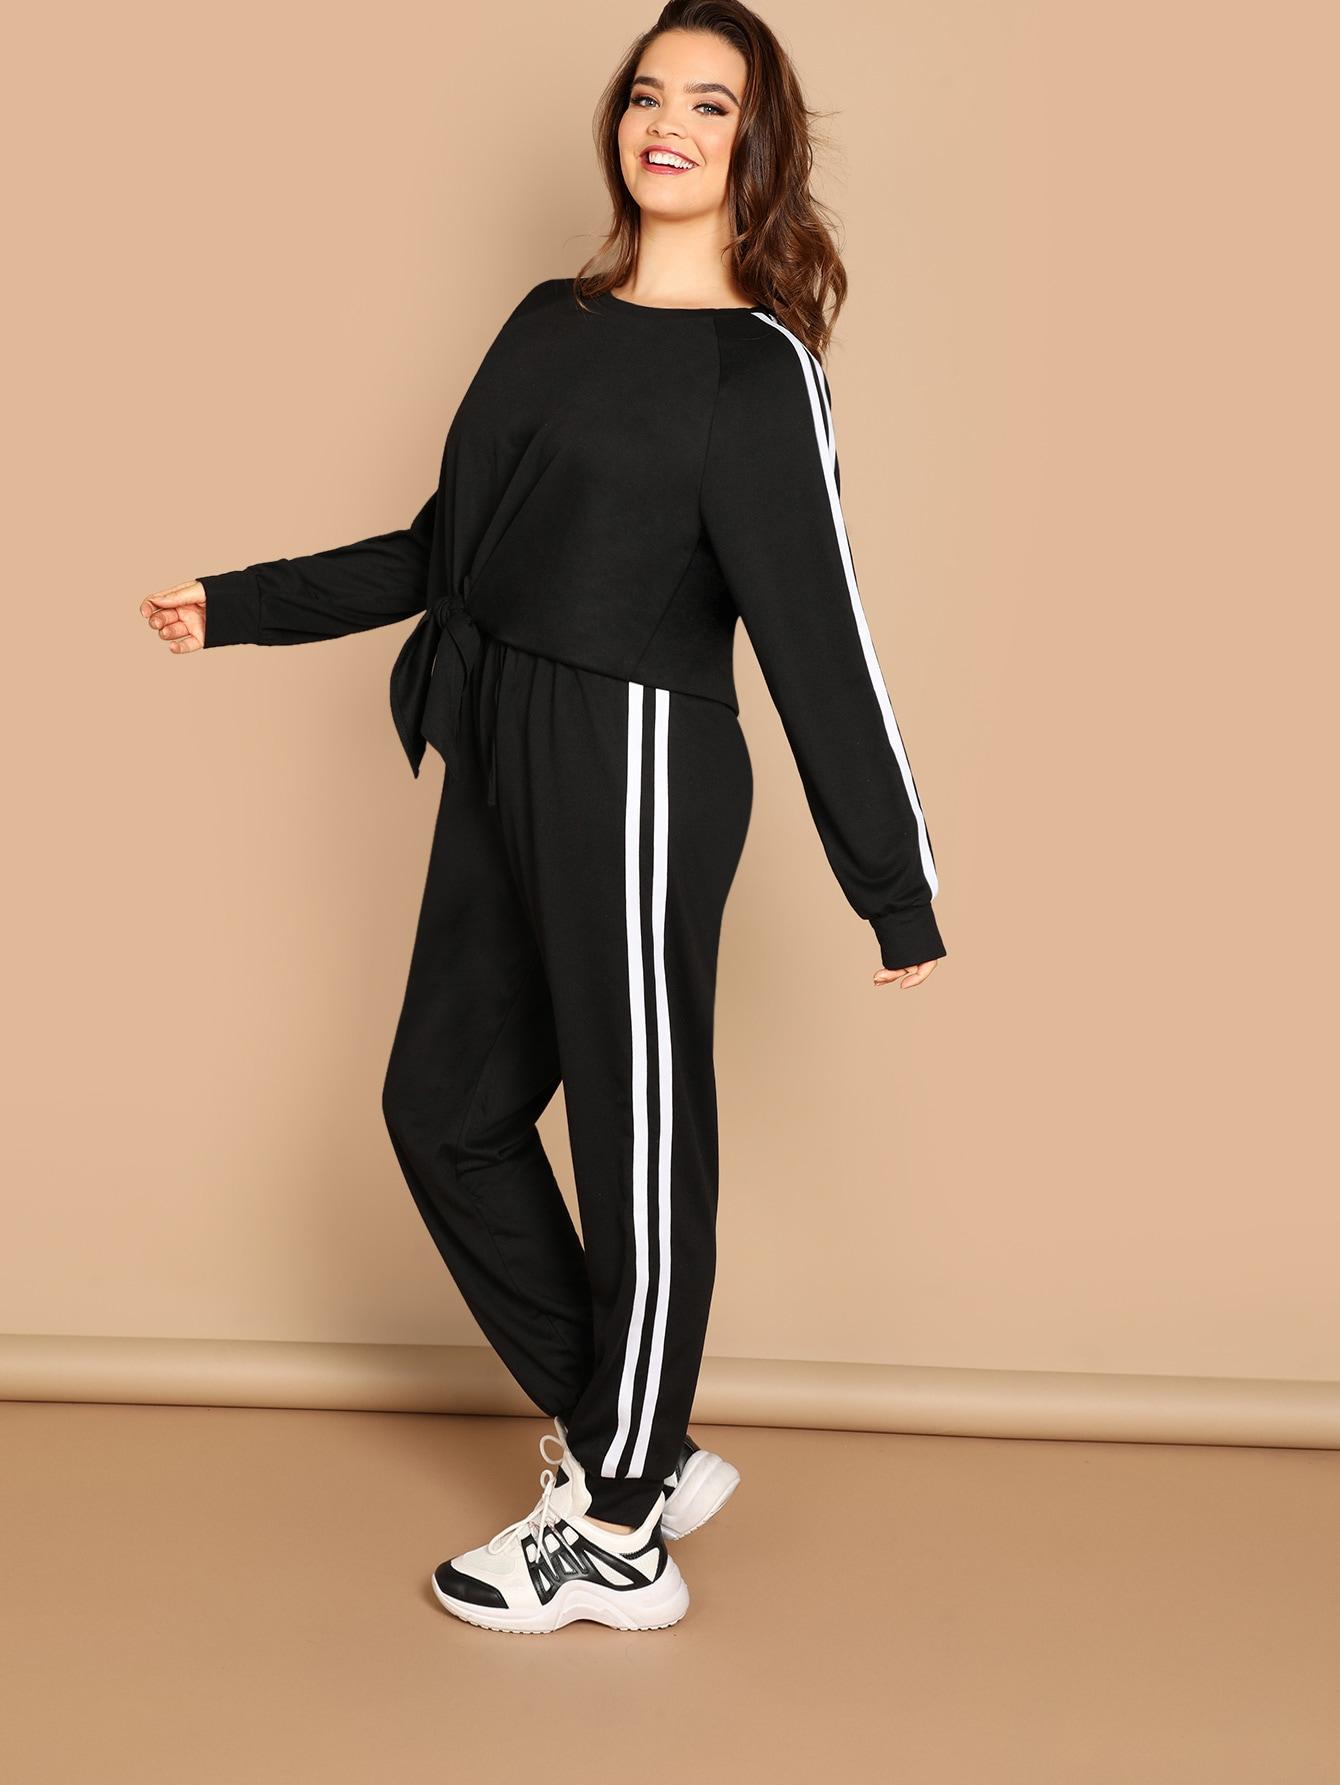 Купить Пуловер в полоску сбоку и брюки комплект размера плюс, Faith Bowman, SheIn